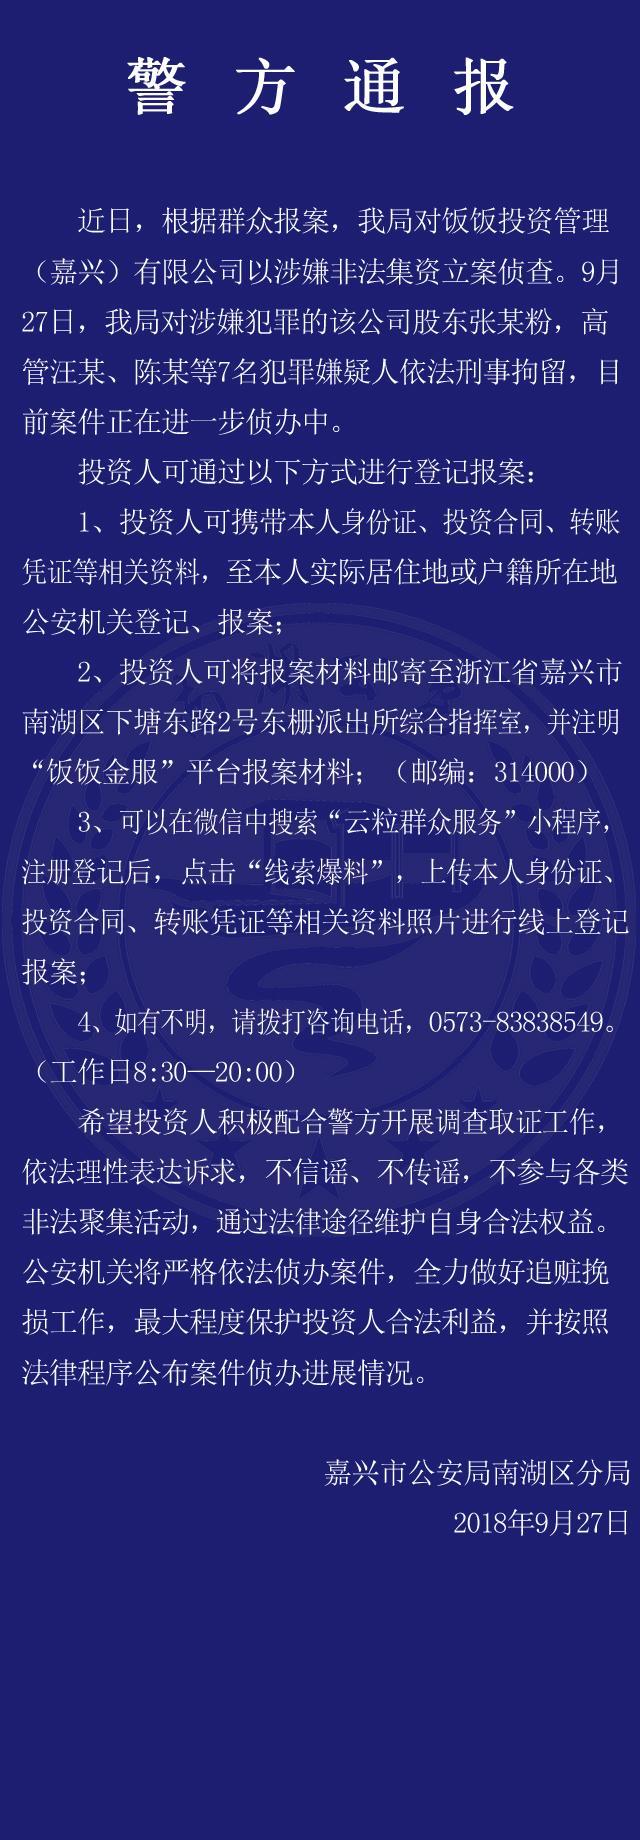 饭饭金服涉非法集资被立案,涉案股东高管共7人被依法刑事拘留